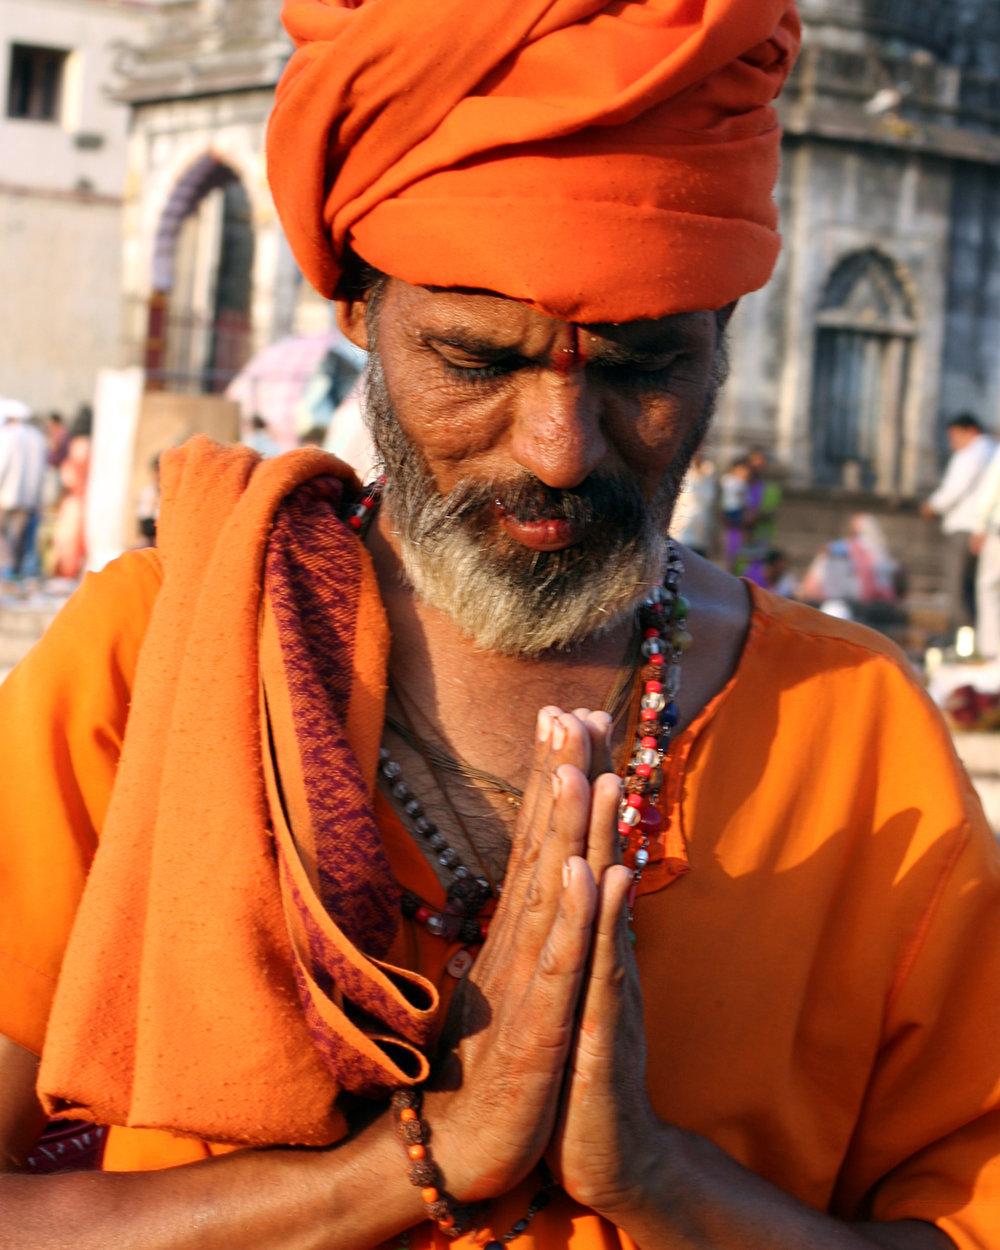 Saddhu, India